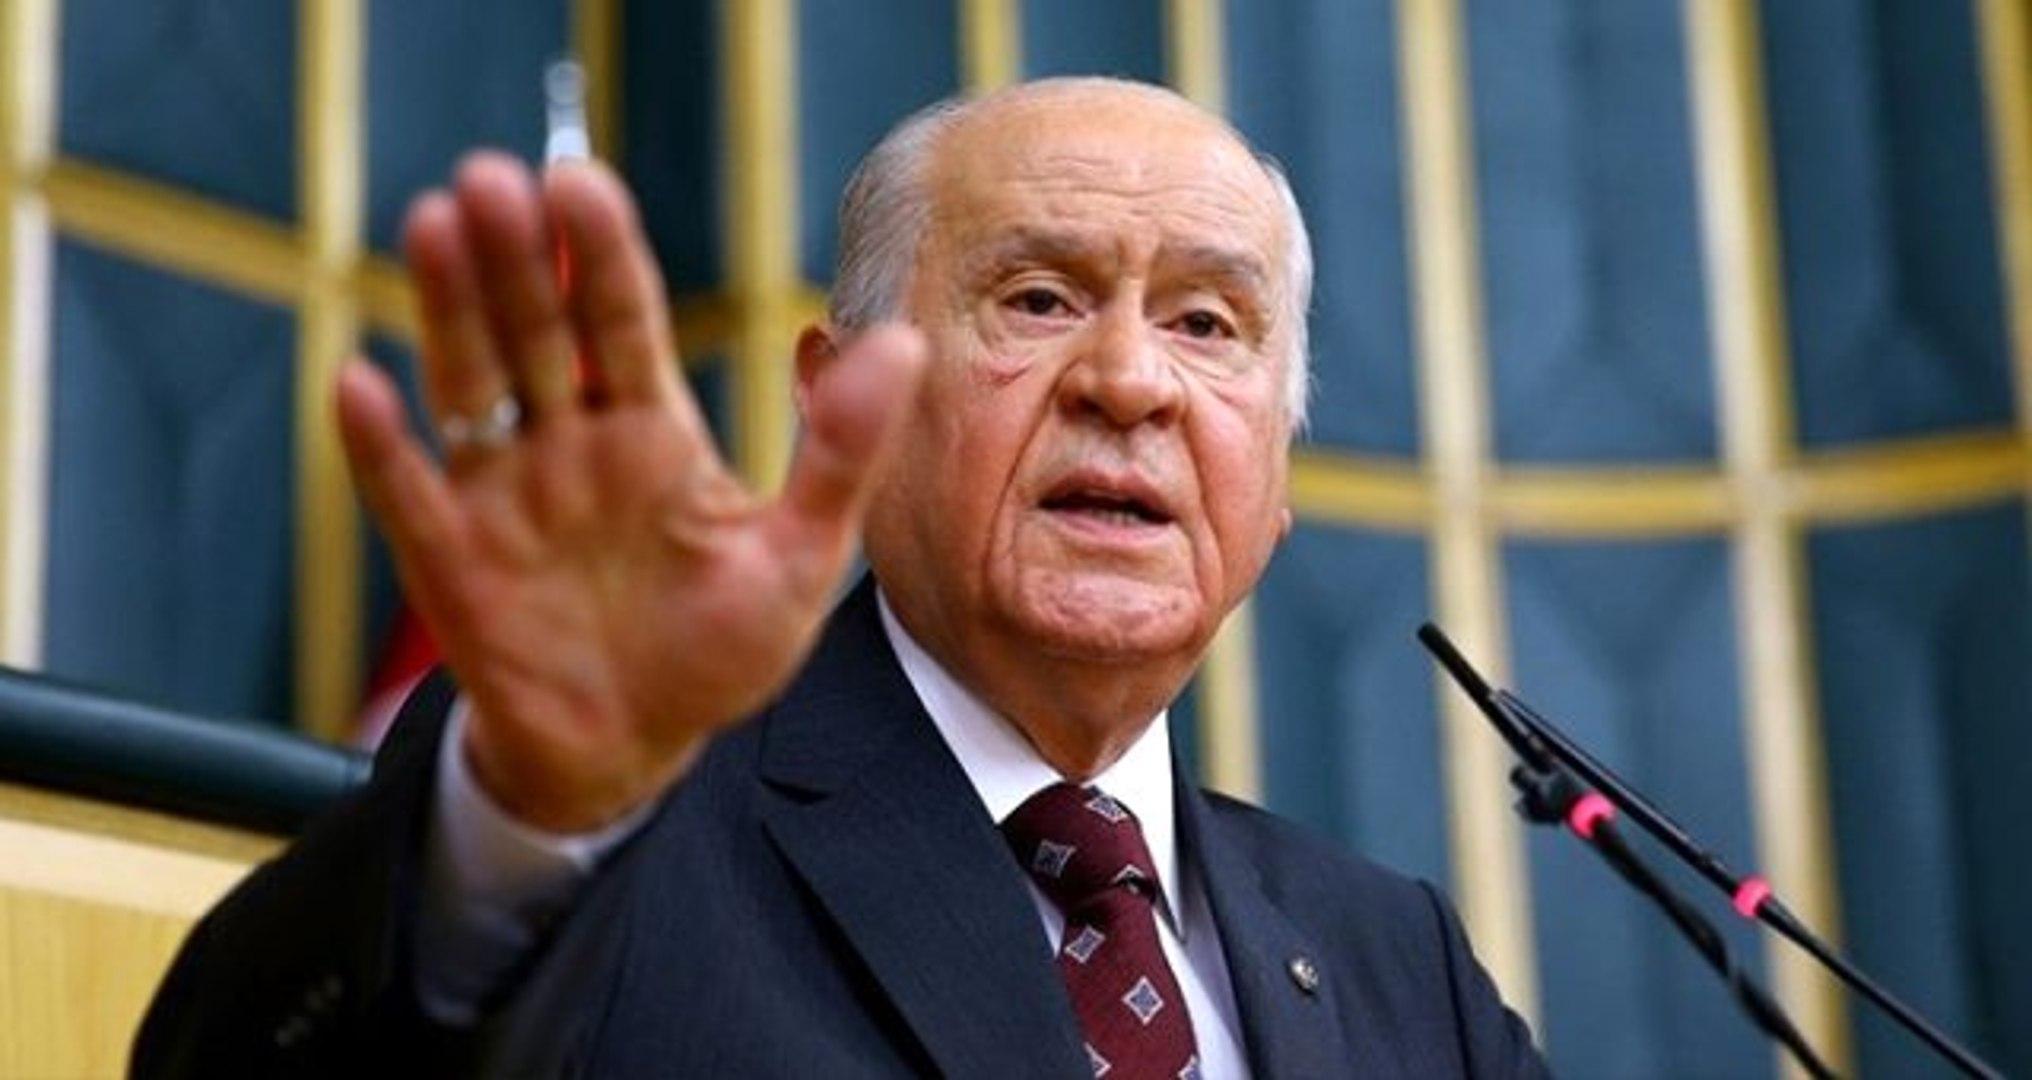 İttifak sona mı eriyor? MHP'nin AK Parti'nin davetini reddettiği iddia edildi